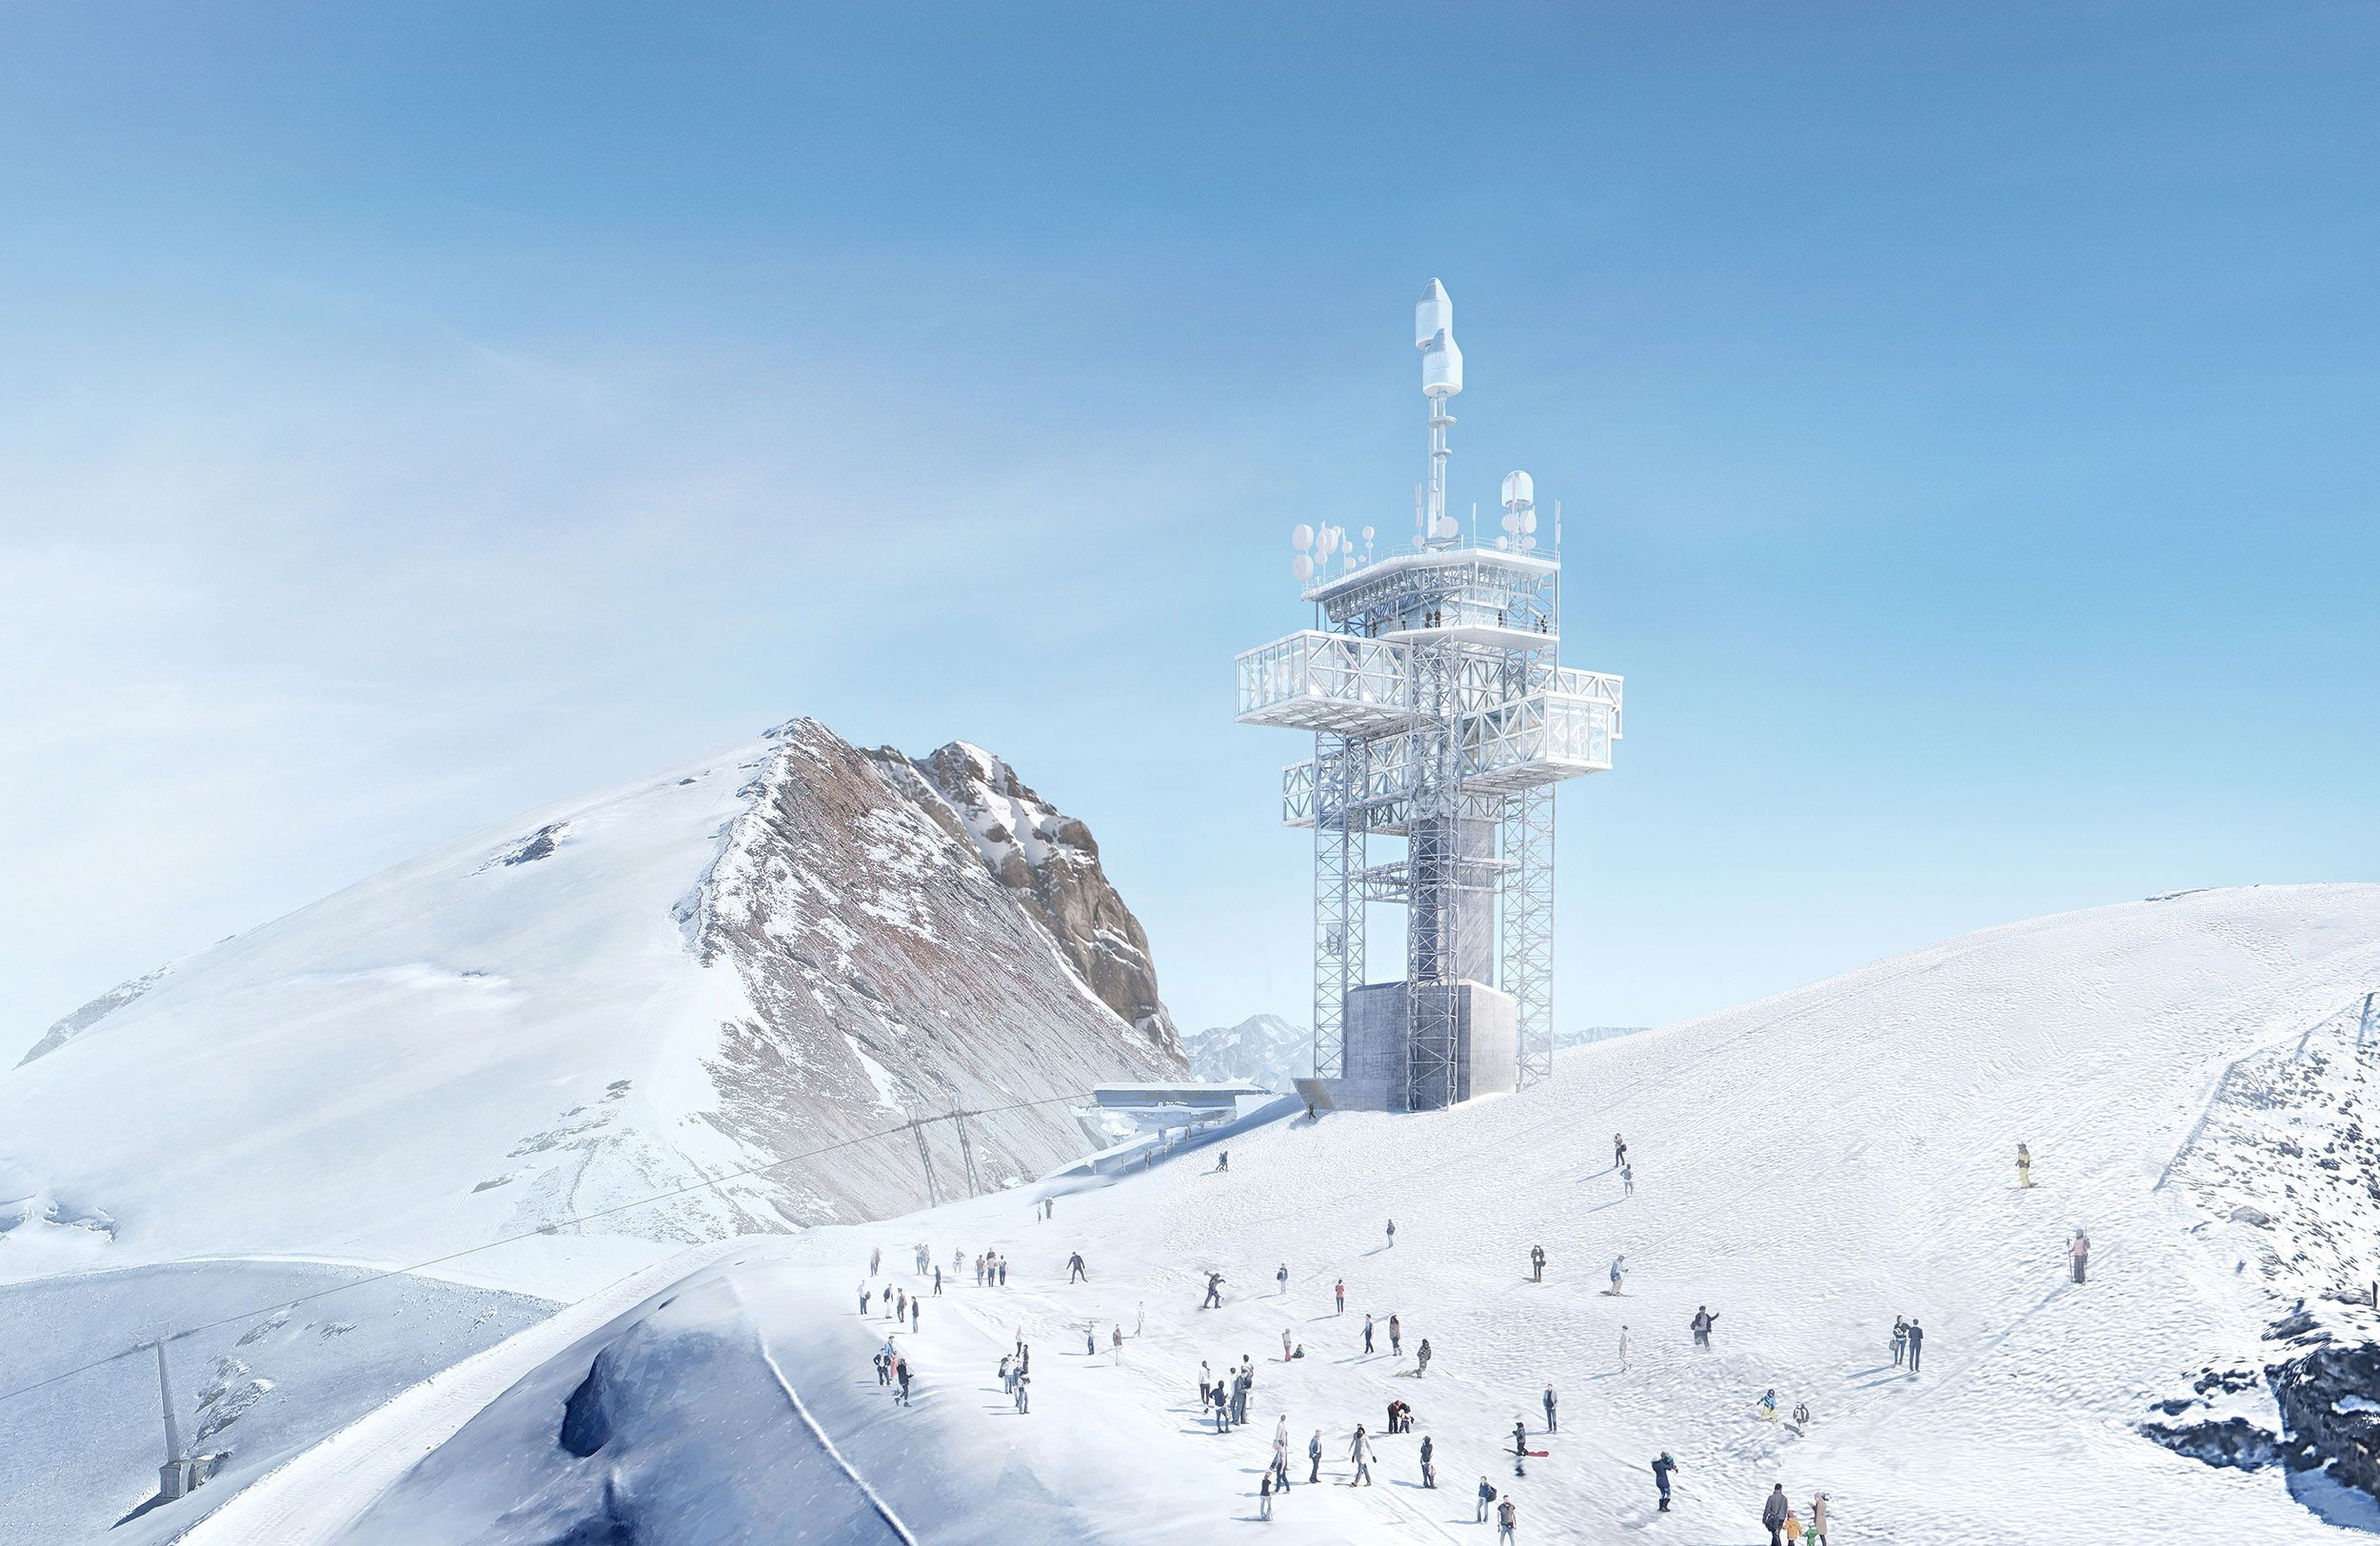 Umgebauter Richtstrahlturm auf dem Titlis, Visualisierung